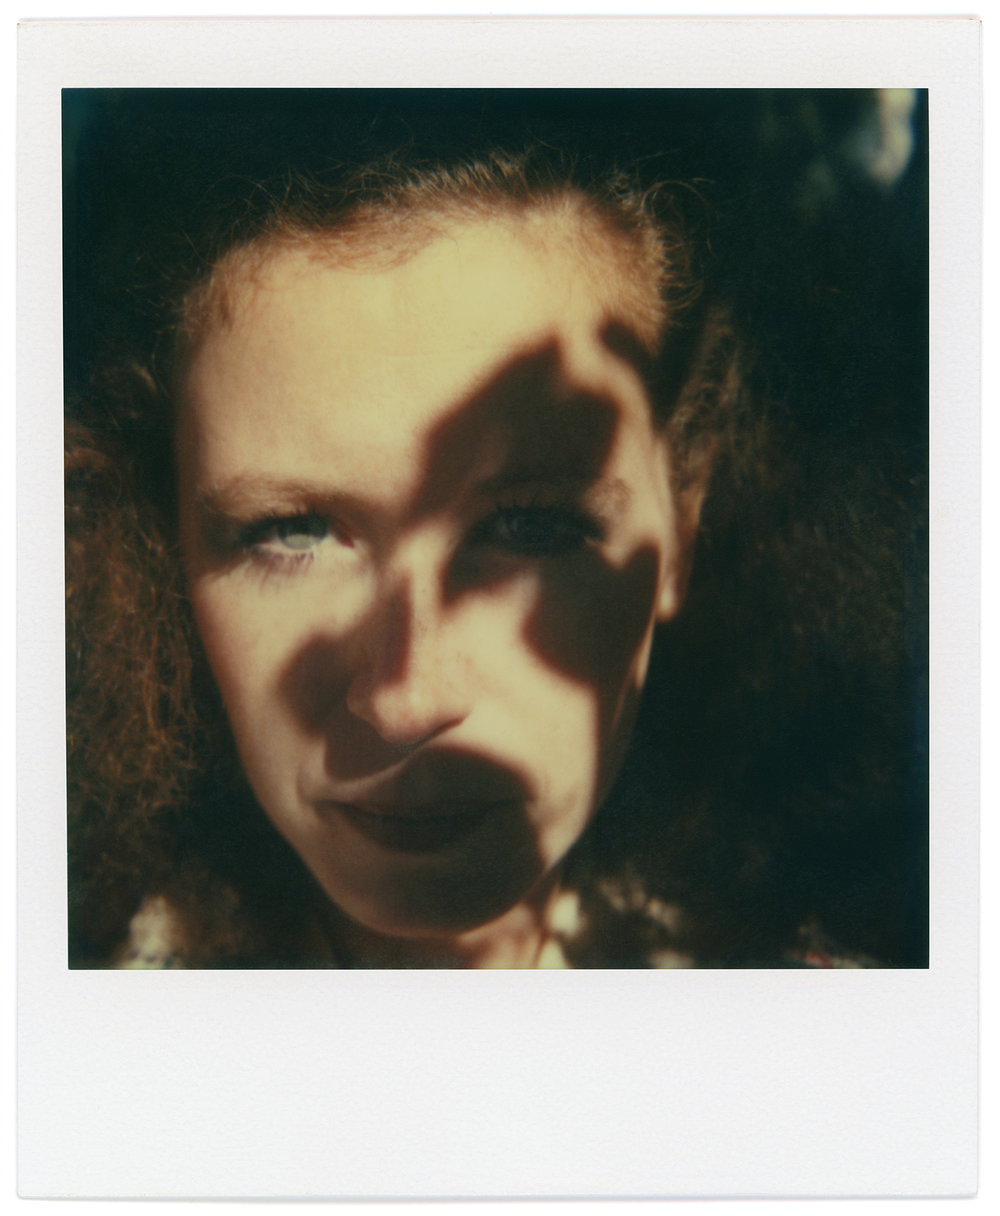 J. K. Lavin,  October 30, 1981